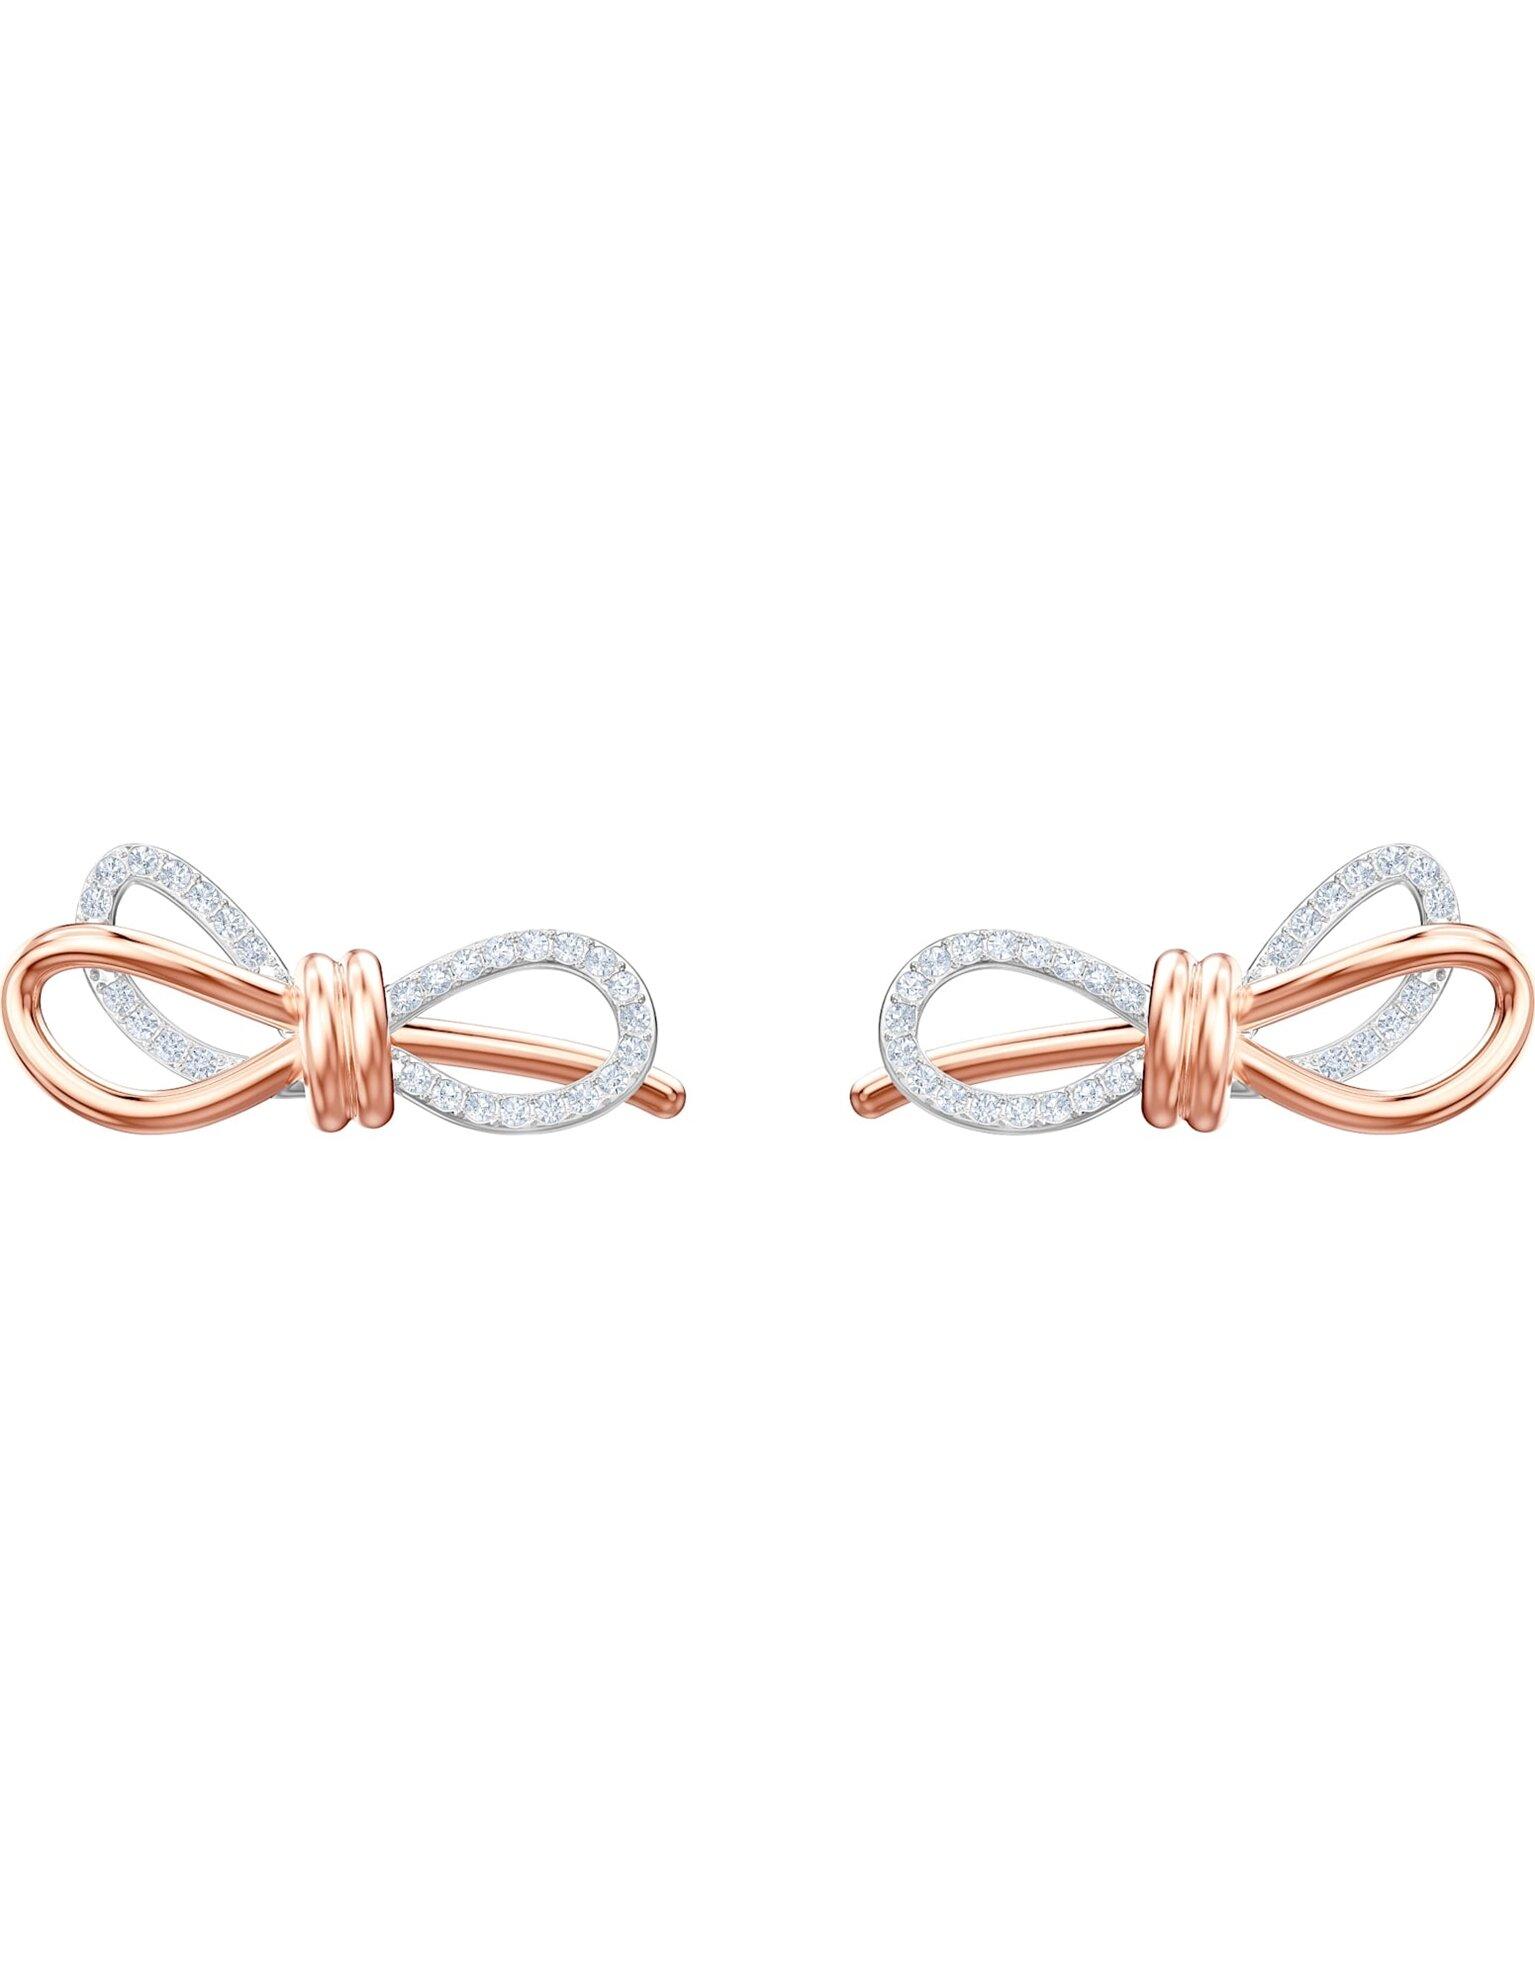 Picture of Lifelong Bow İğneli Küpeler, Beyaz, Karışık metal bitiş